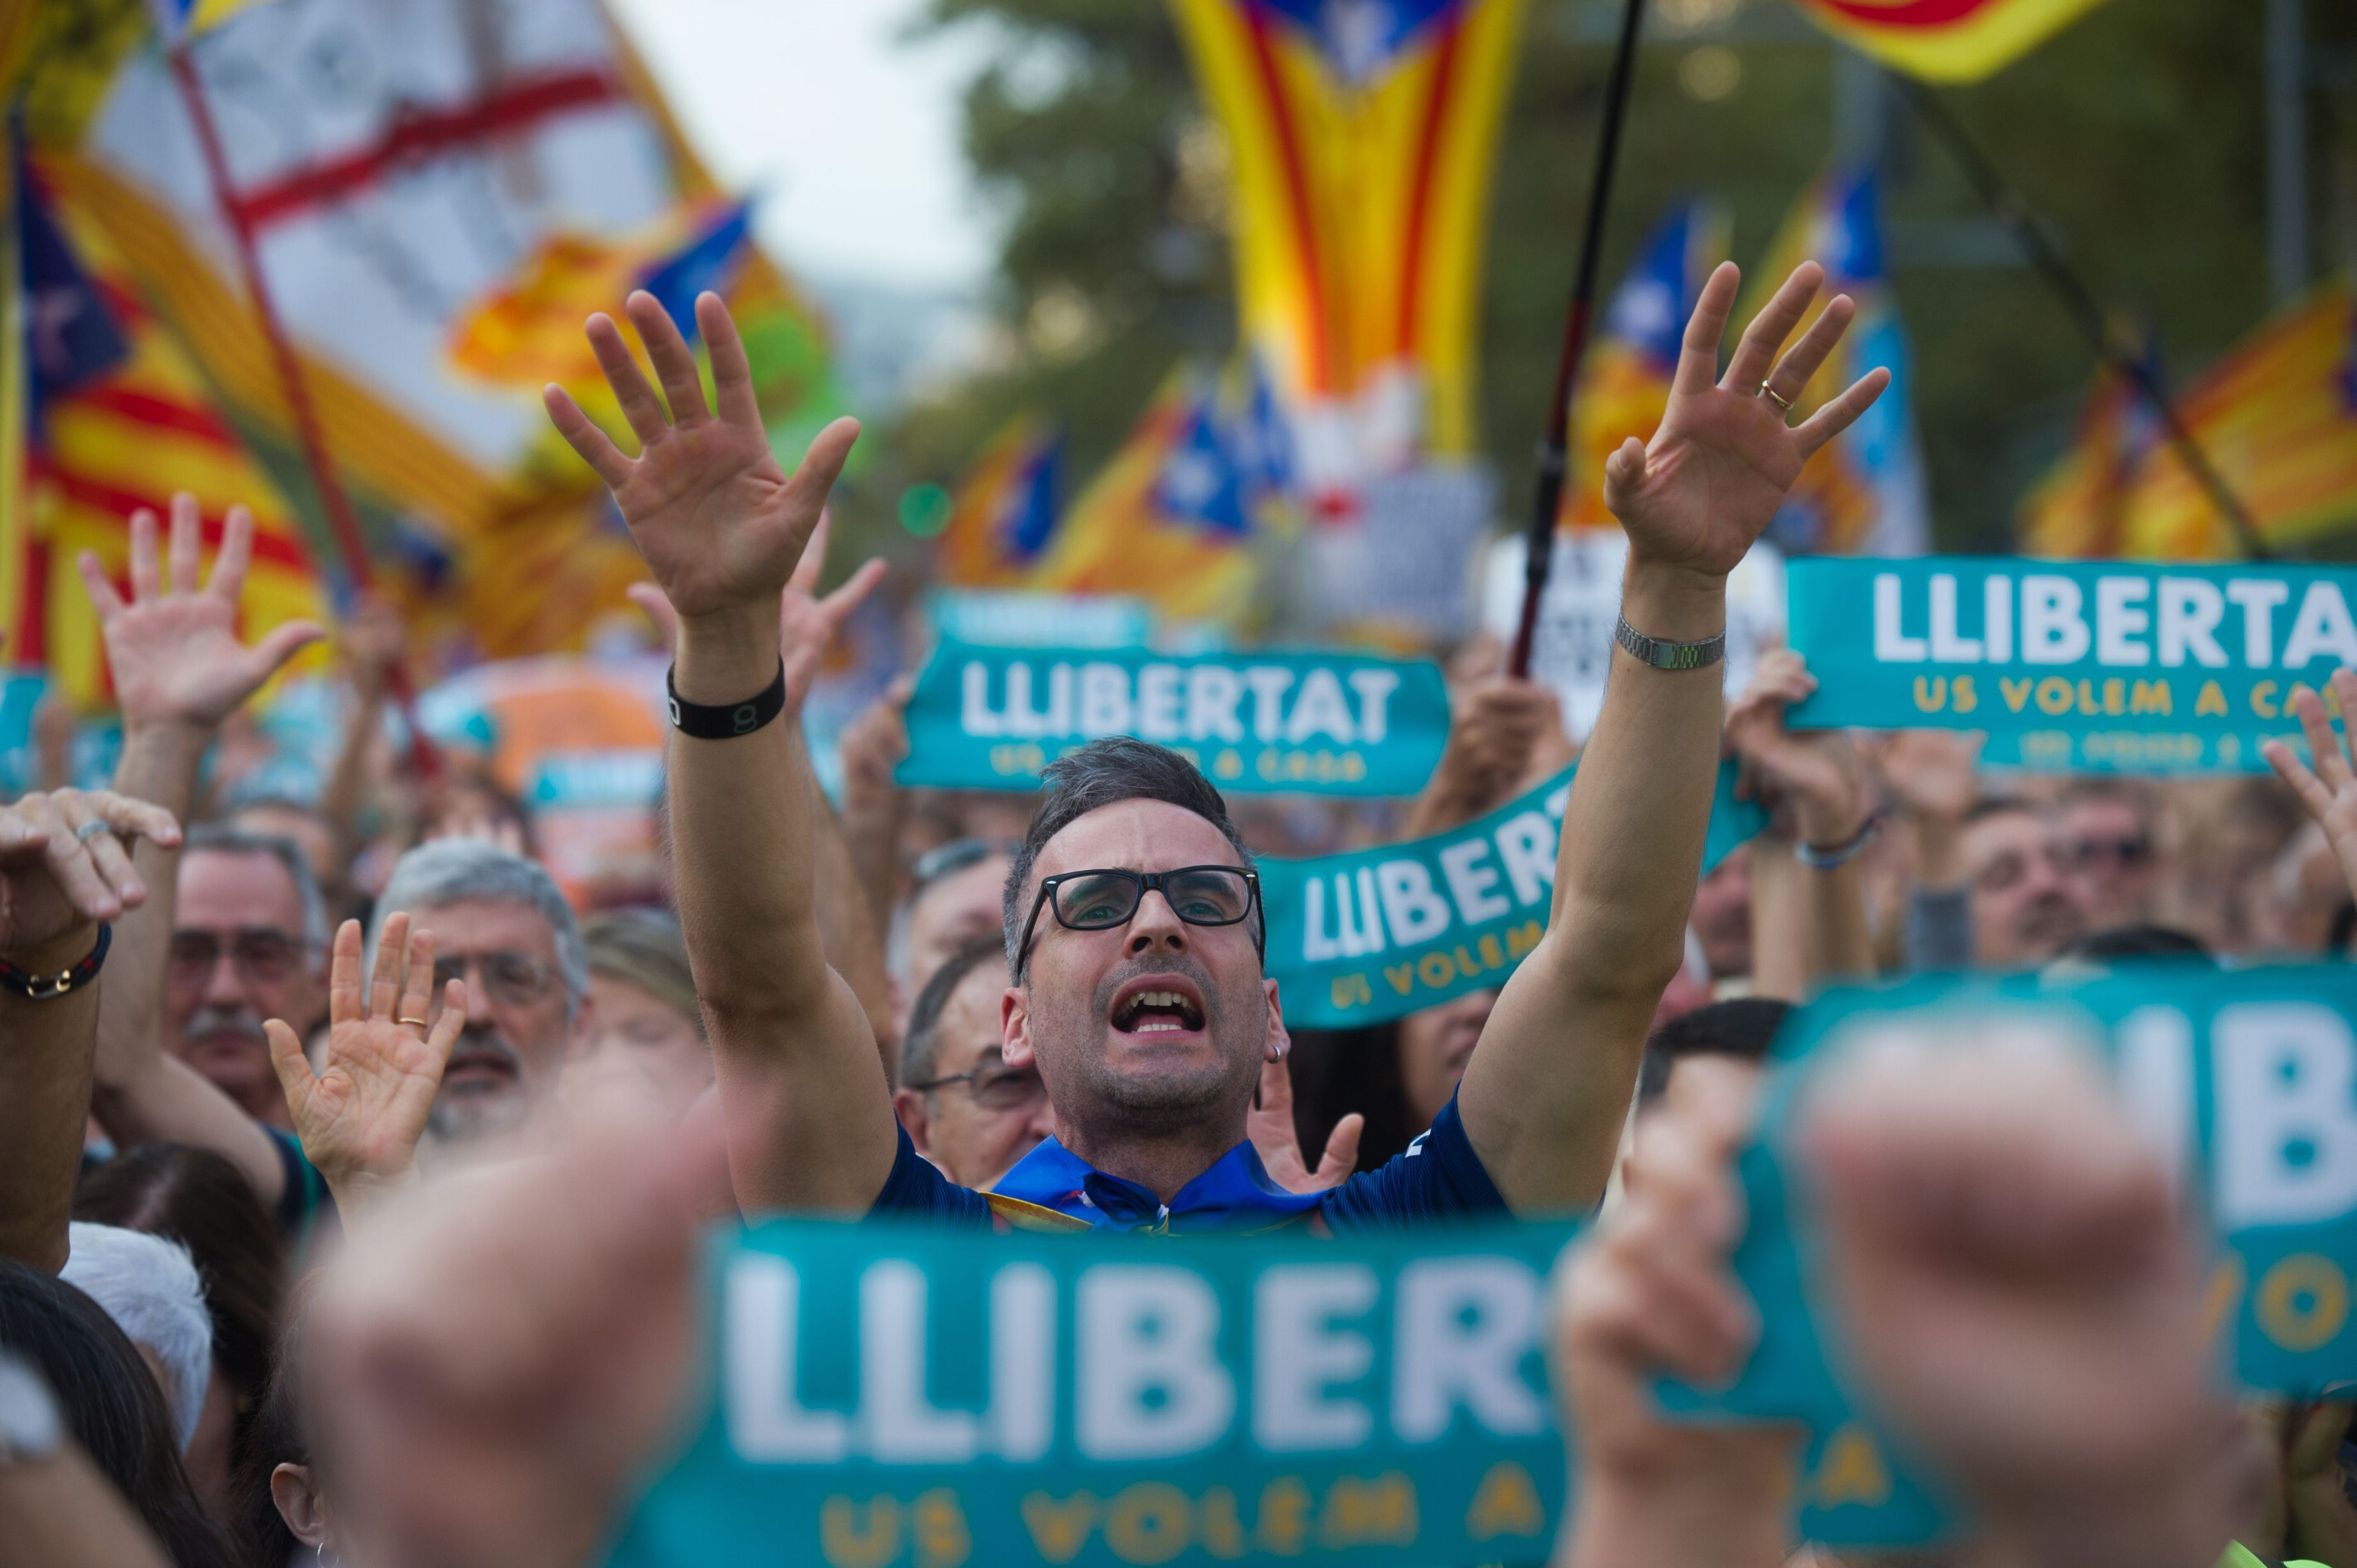 Puigdemont: Catalonia NU va accepta planul Spaniei / Premierul Rajoy a anunţat SUSPENDAREA guvernului catalan şi alegeri noi în regiune/ Proteste de amploare la Barcelona | FOTO, VIDEO